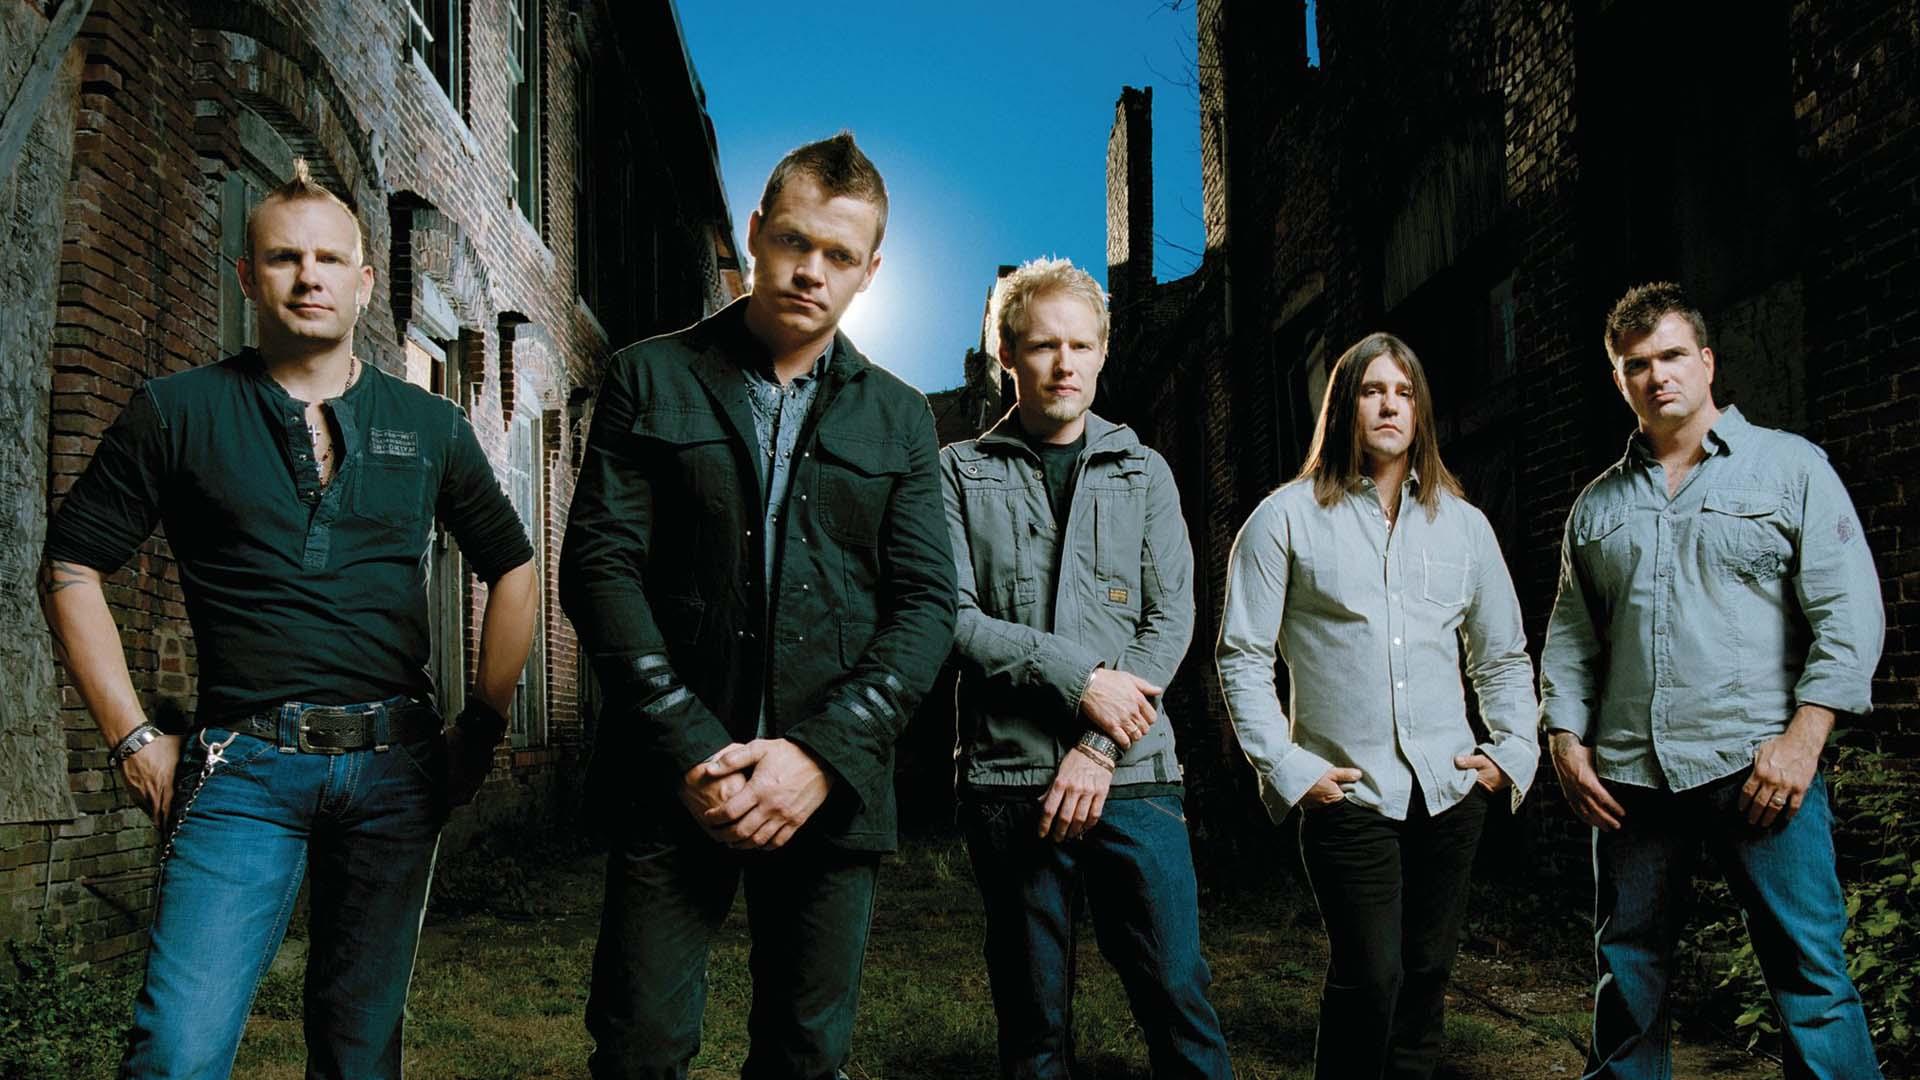 3 Doors Down – Still Alive Lyrics